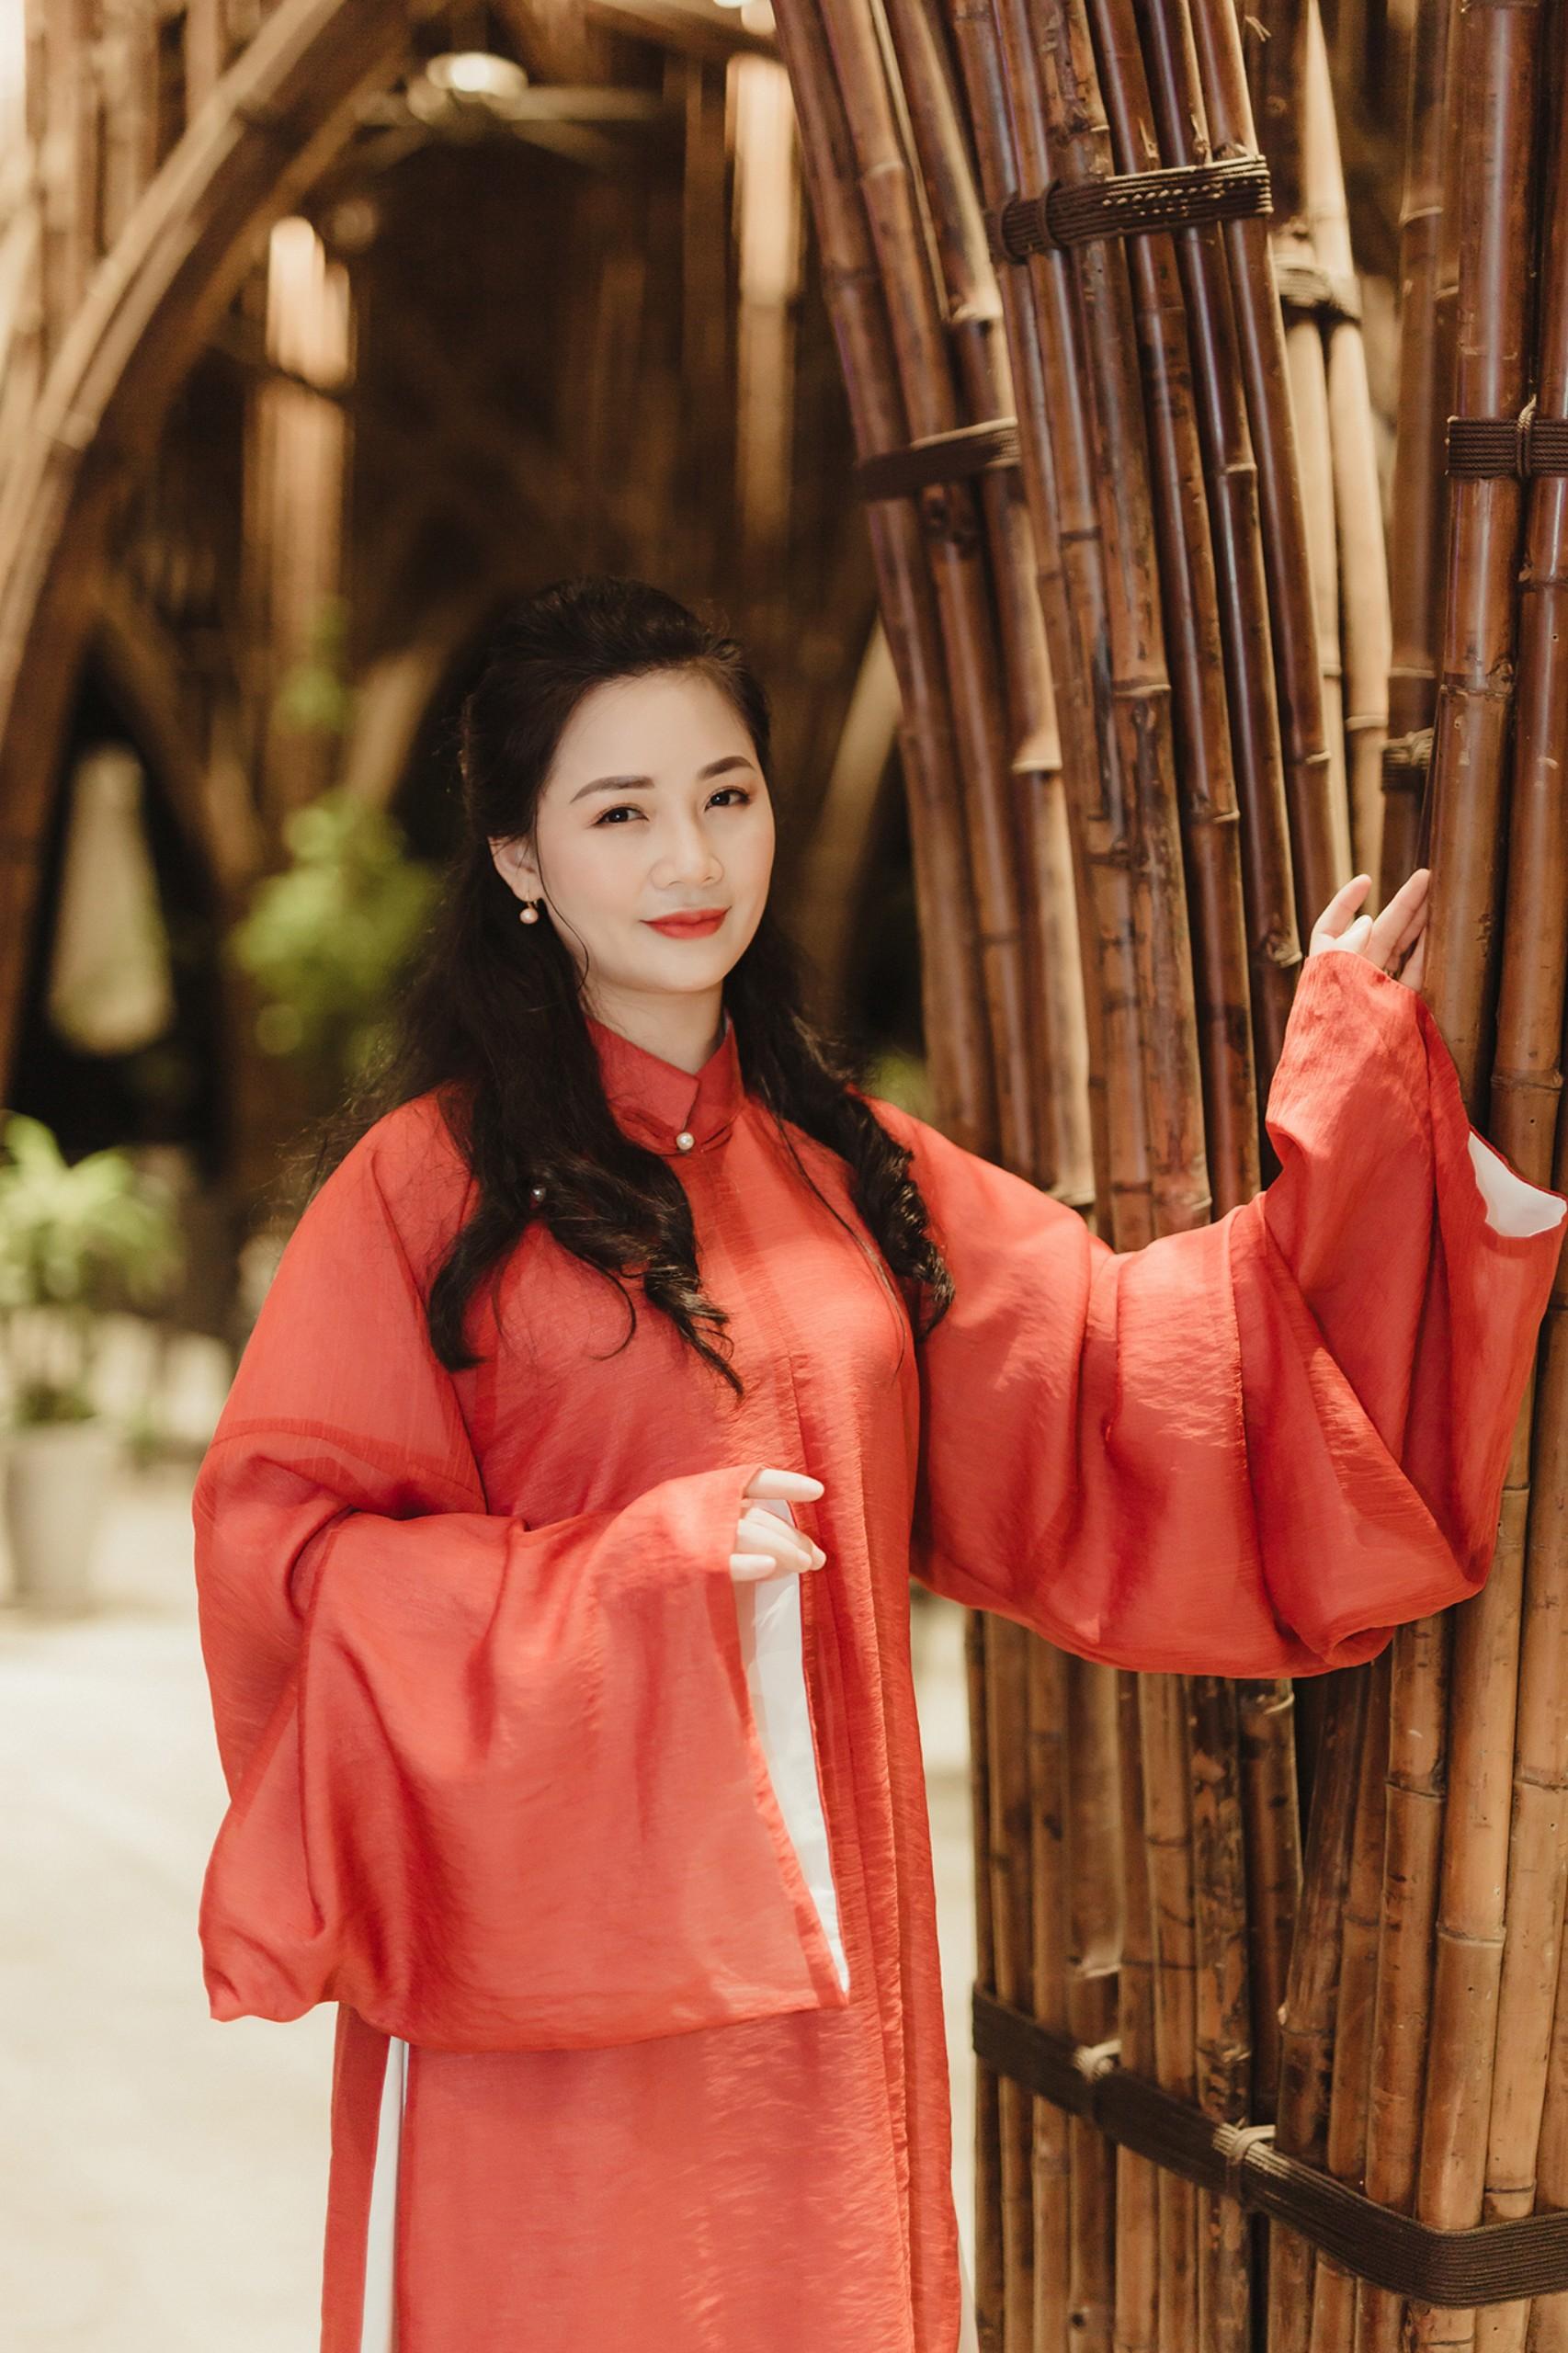 Áo dài- Trải nghiệm tâm hồn Việt- văn hóa Việt cùng HLV Yoga Shakti Vũ Huệ